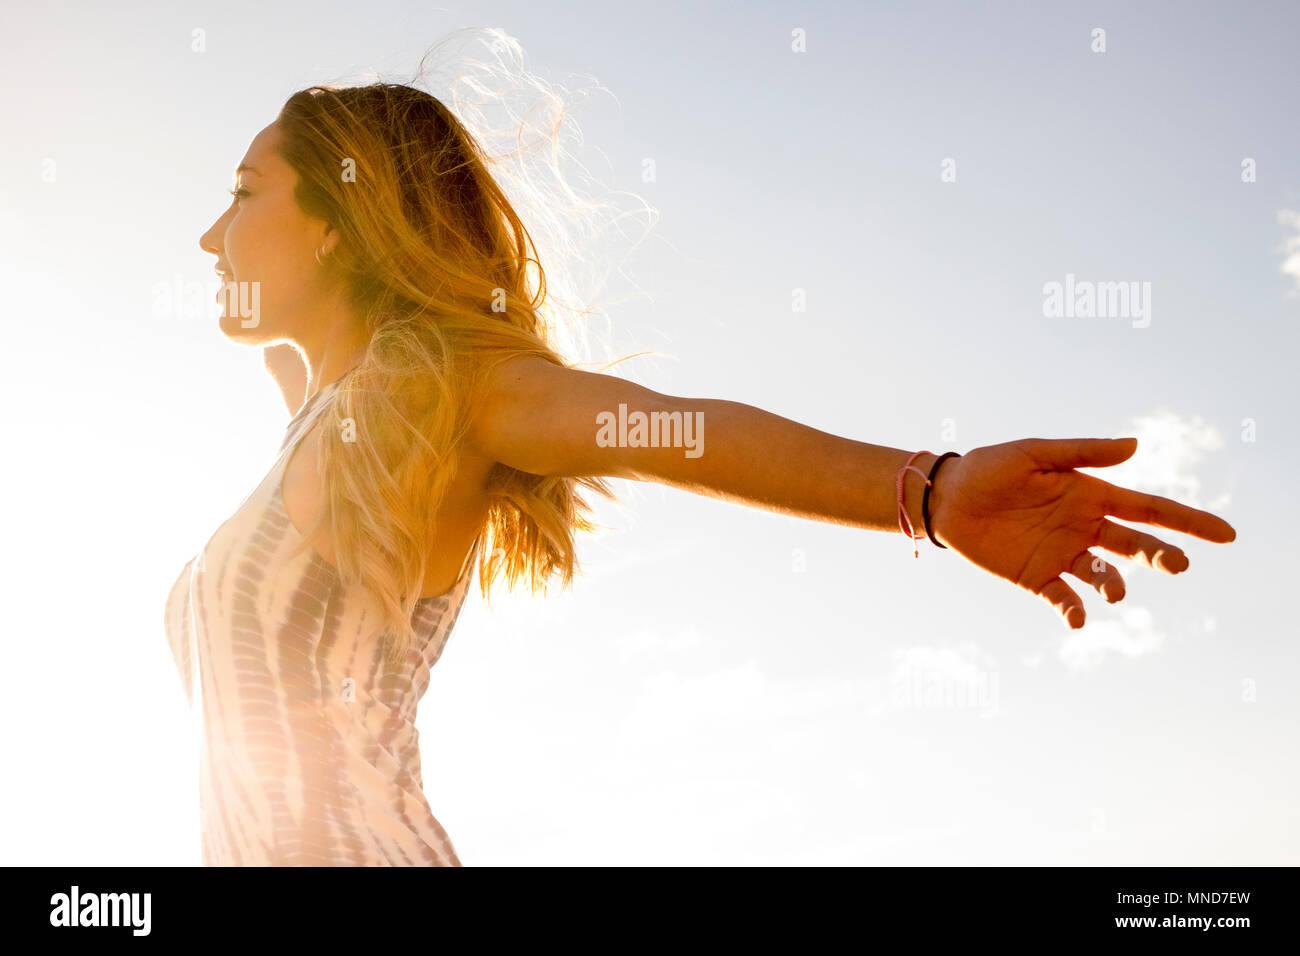 Jeune femme Nice profitez de sa liberté les bras d'ouverture. Vie Indépendante et grande sensation avec le monde. Embrasser tous avec satisfaction. Tenerife L'âme. Photo Stock